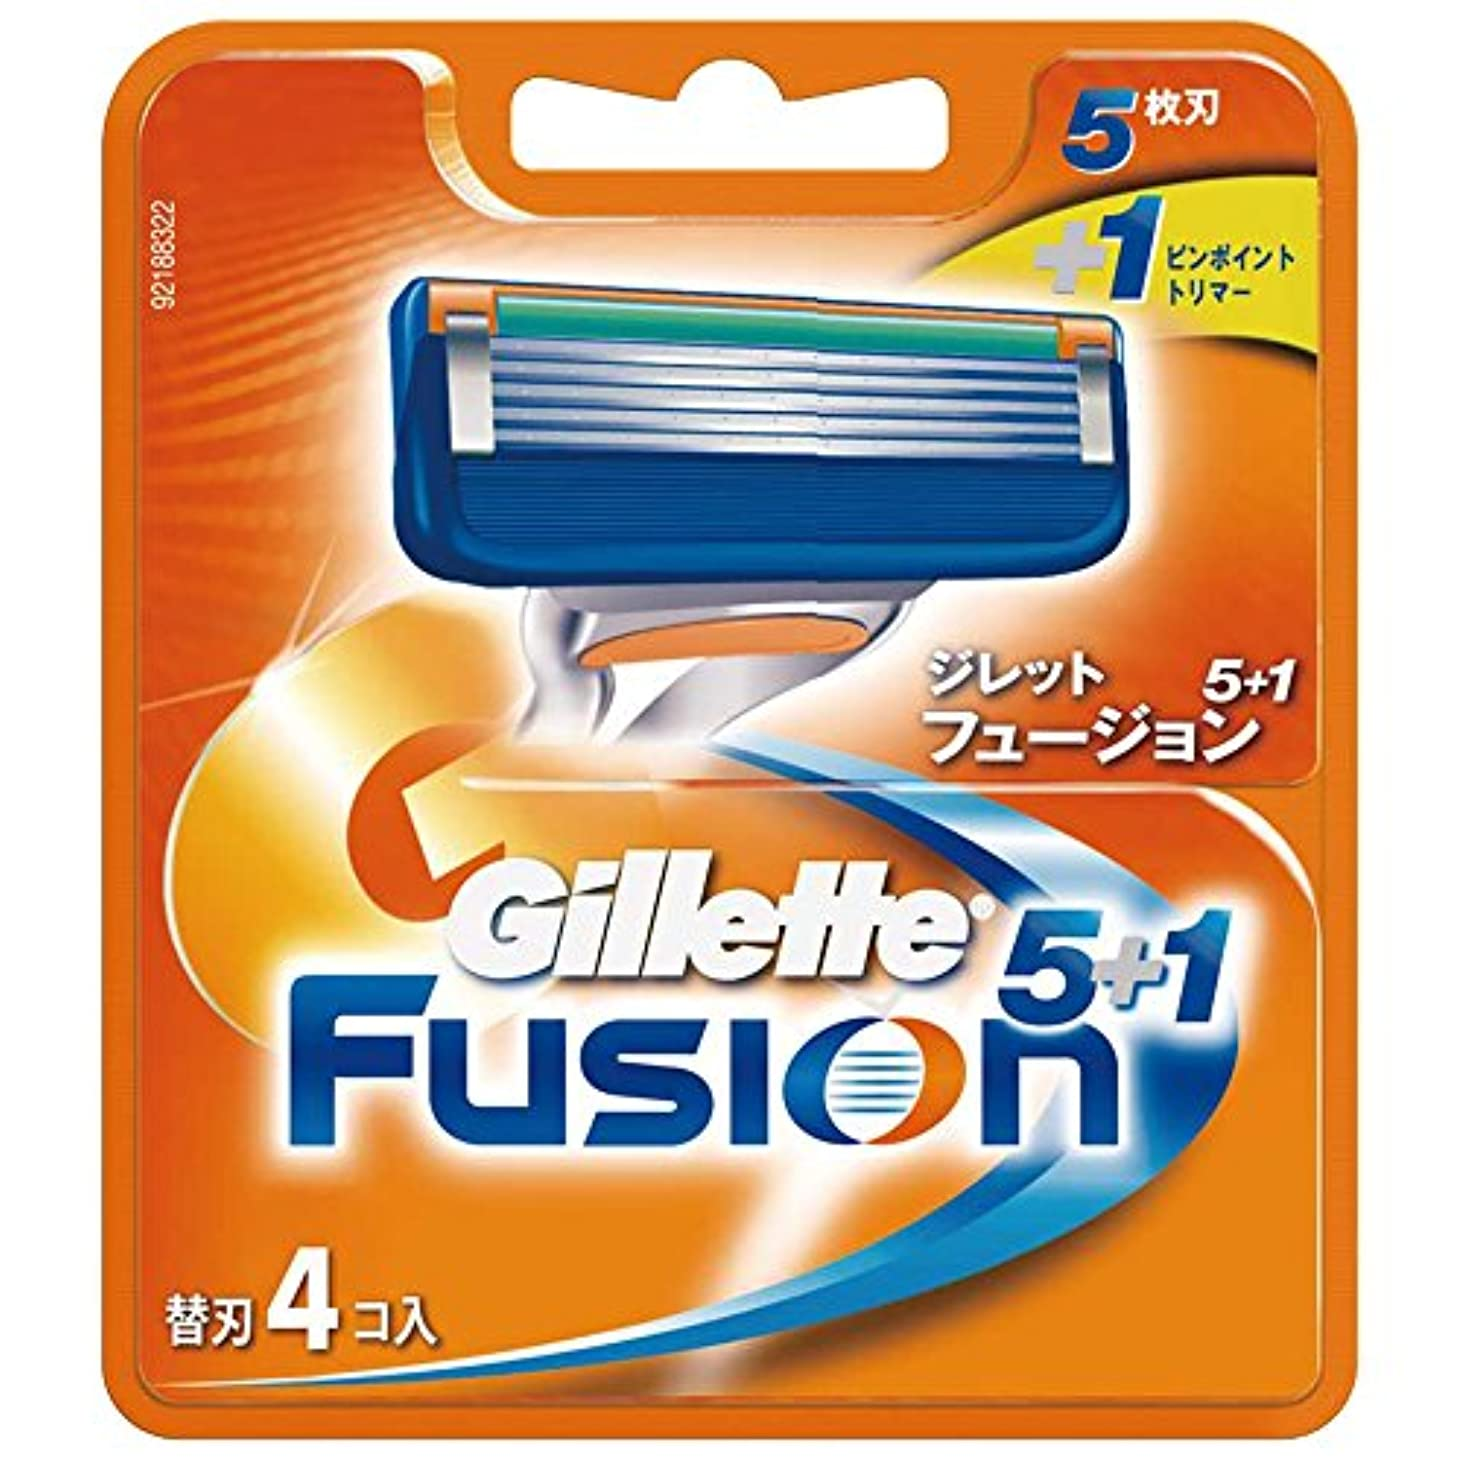 環境に優しいベルト残るジレット 髭剃り フュージョン5+1 替刃4個入